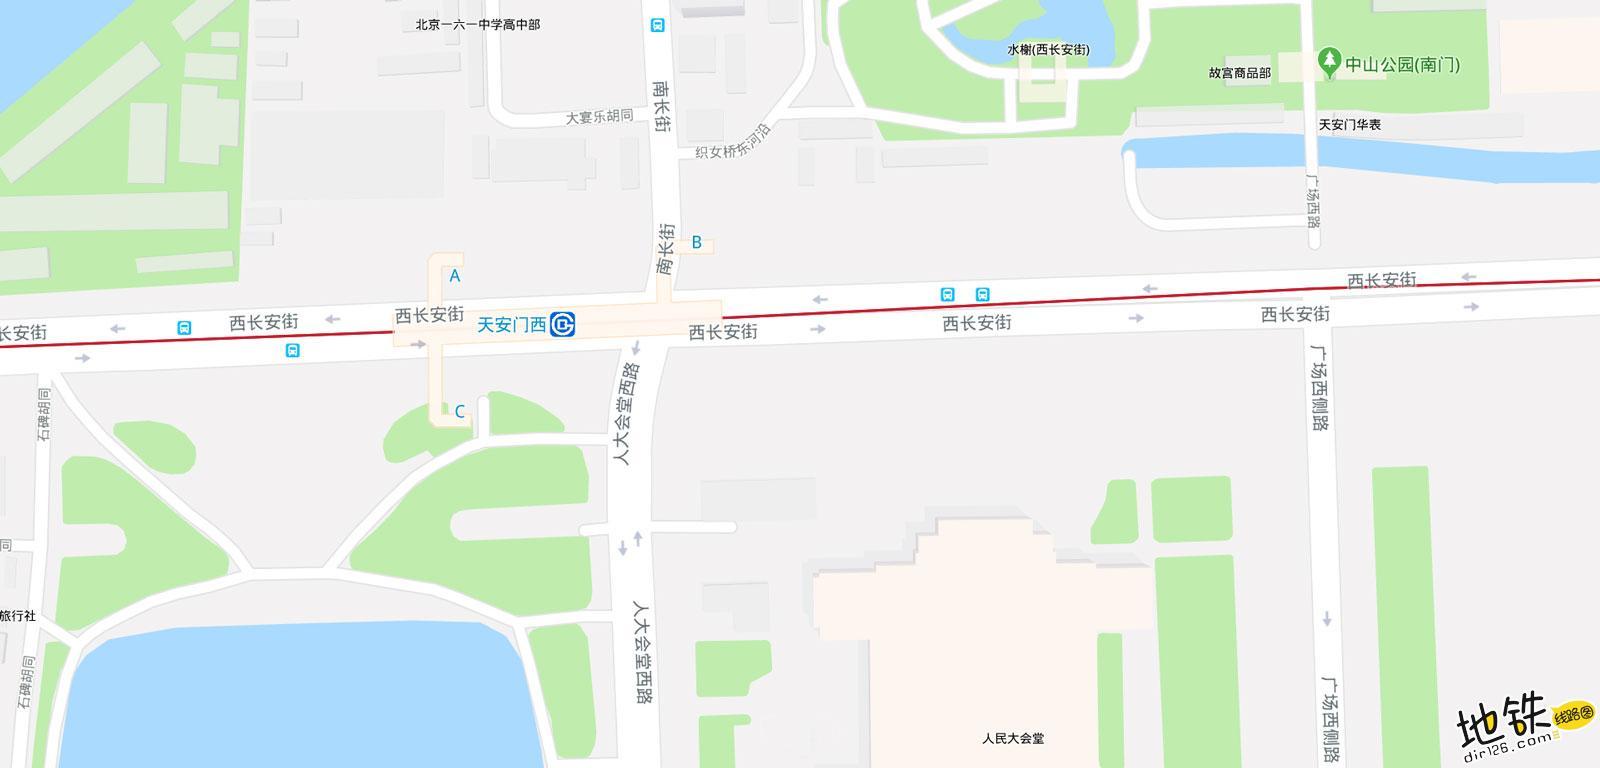 天安门西地铁站 北京地铁天安门西站出入口 地图信息查询  北京地铁站  第2张